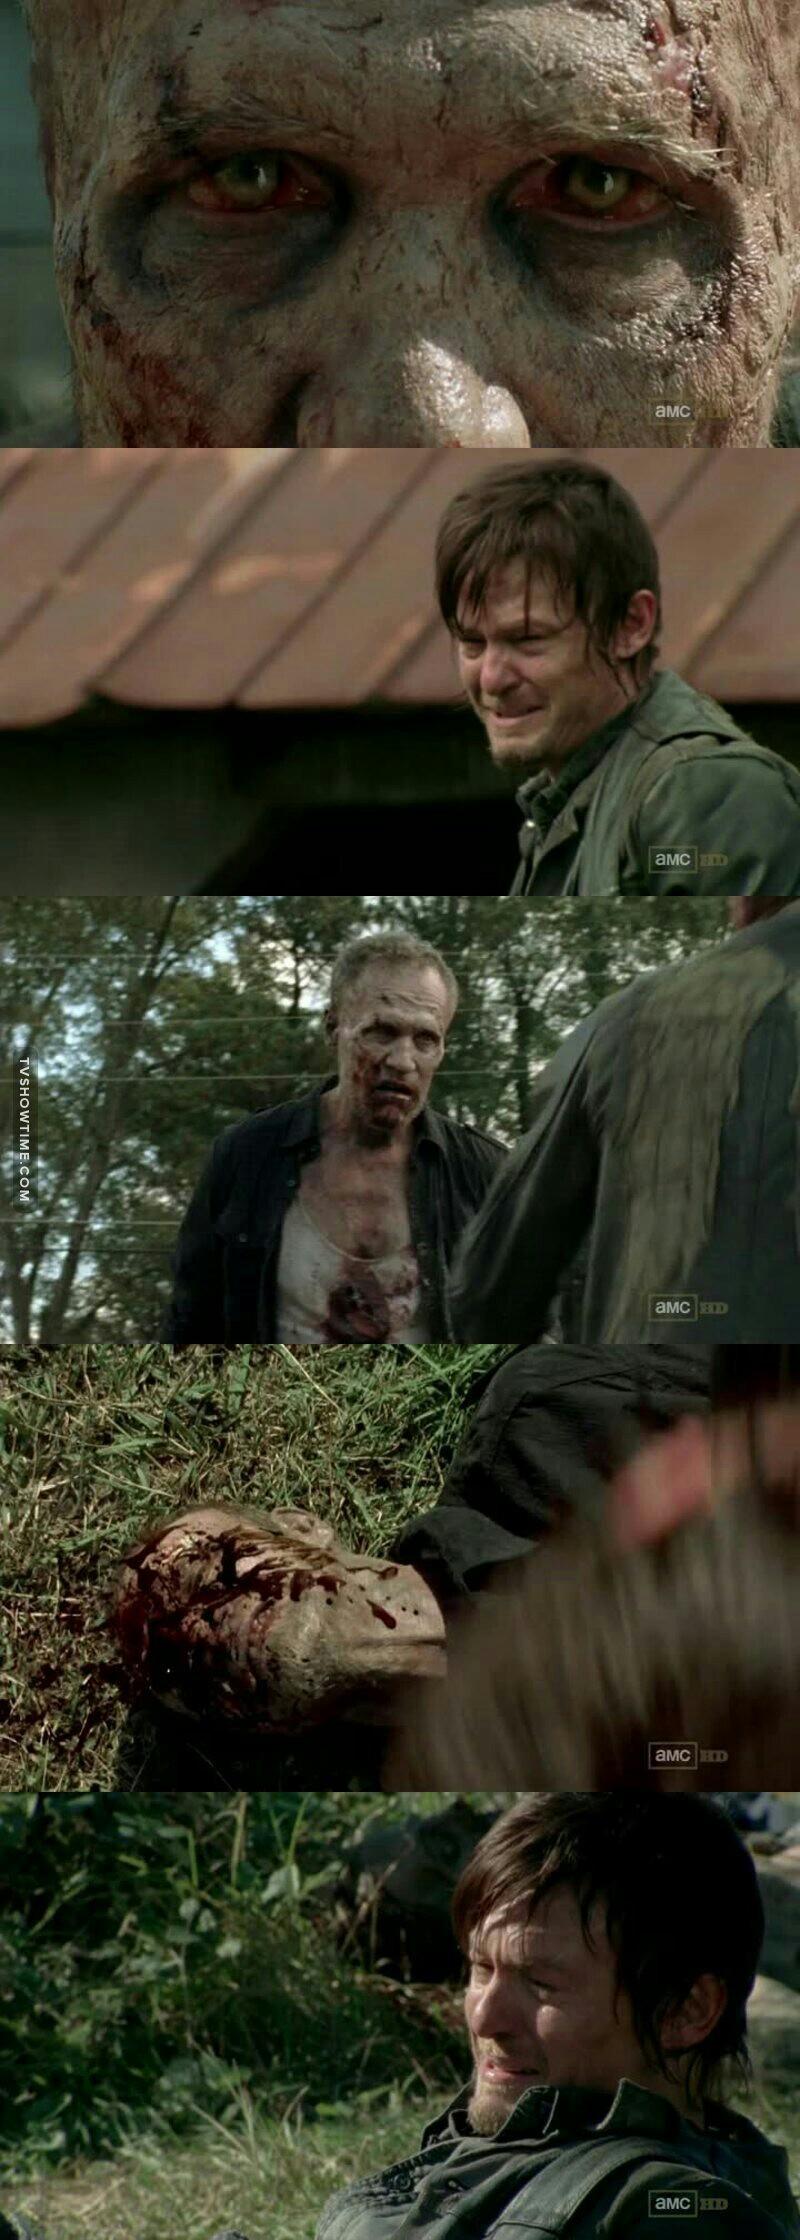 When Daryl cries.......everyone cries